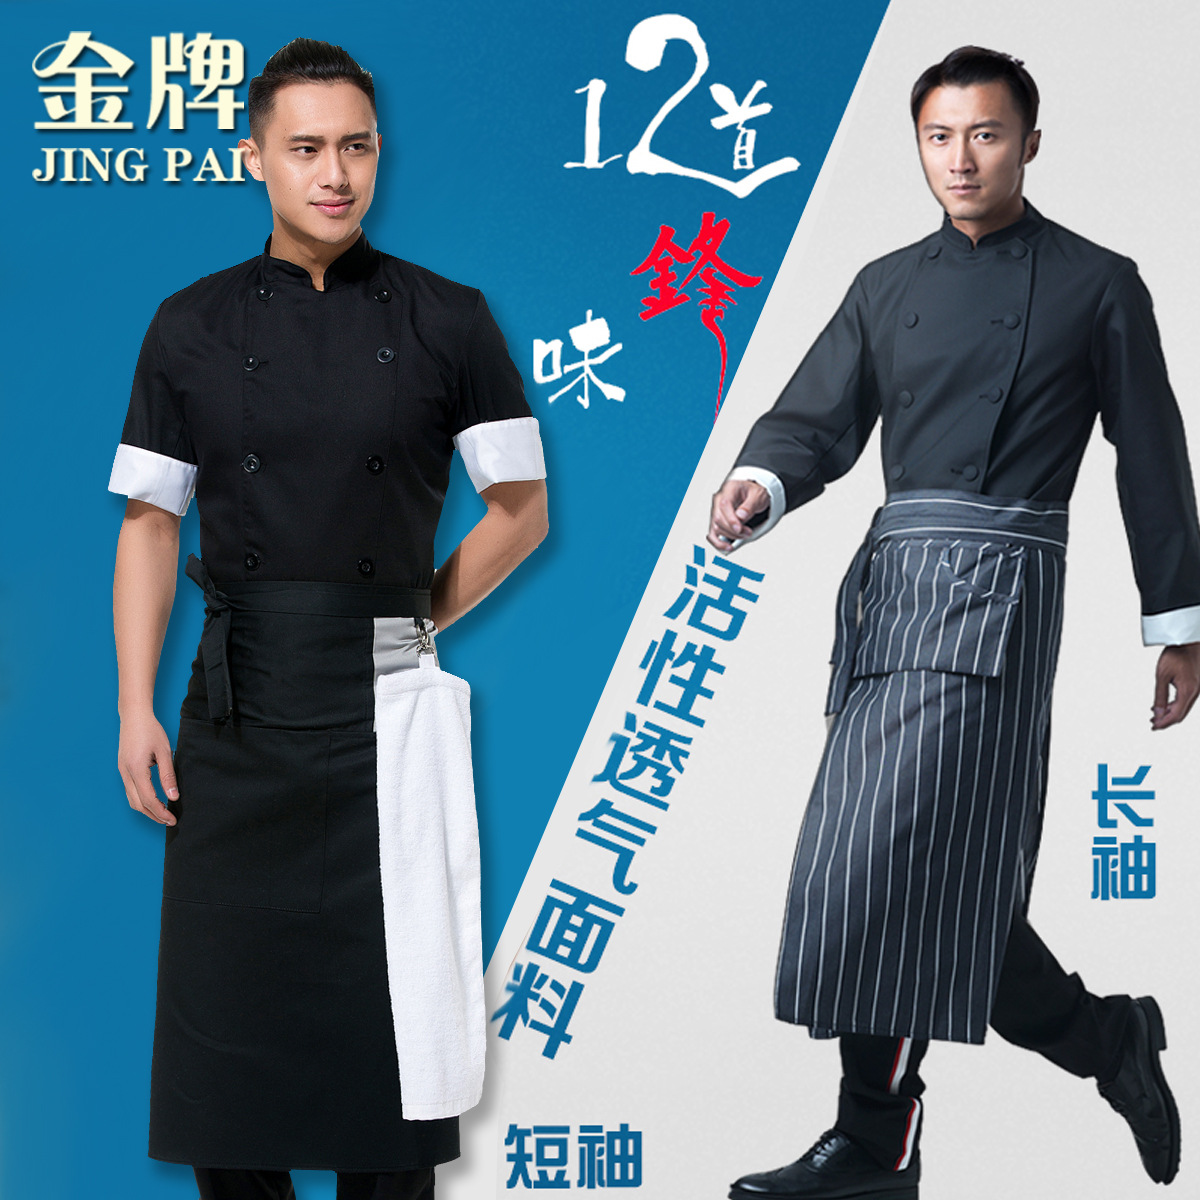 定做厨师服夏季短袖港式甜点师工作服面包师制服蛋糕服裱花师工装